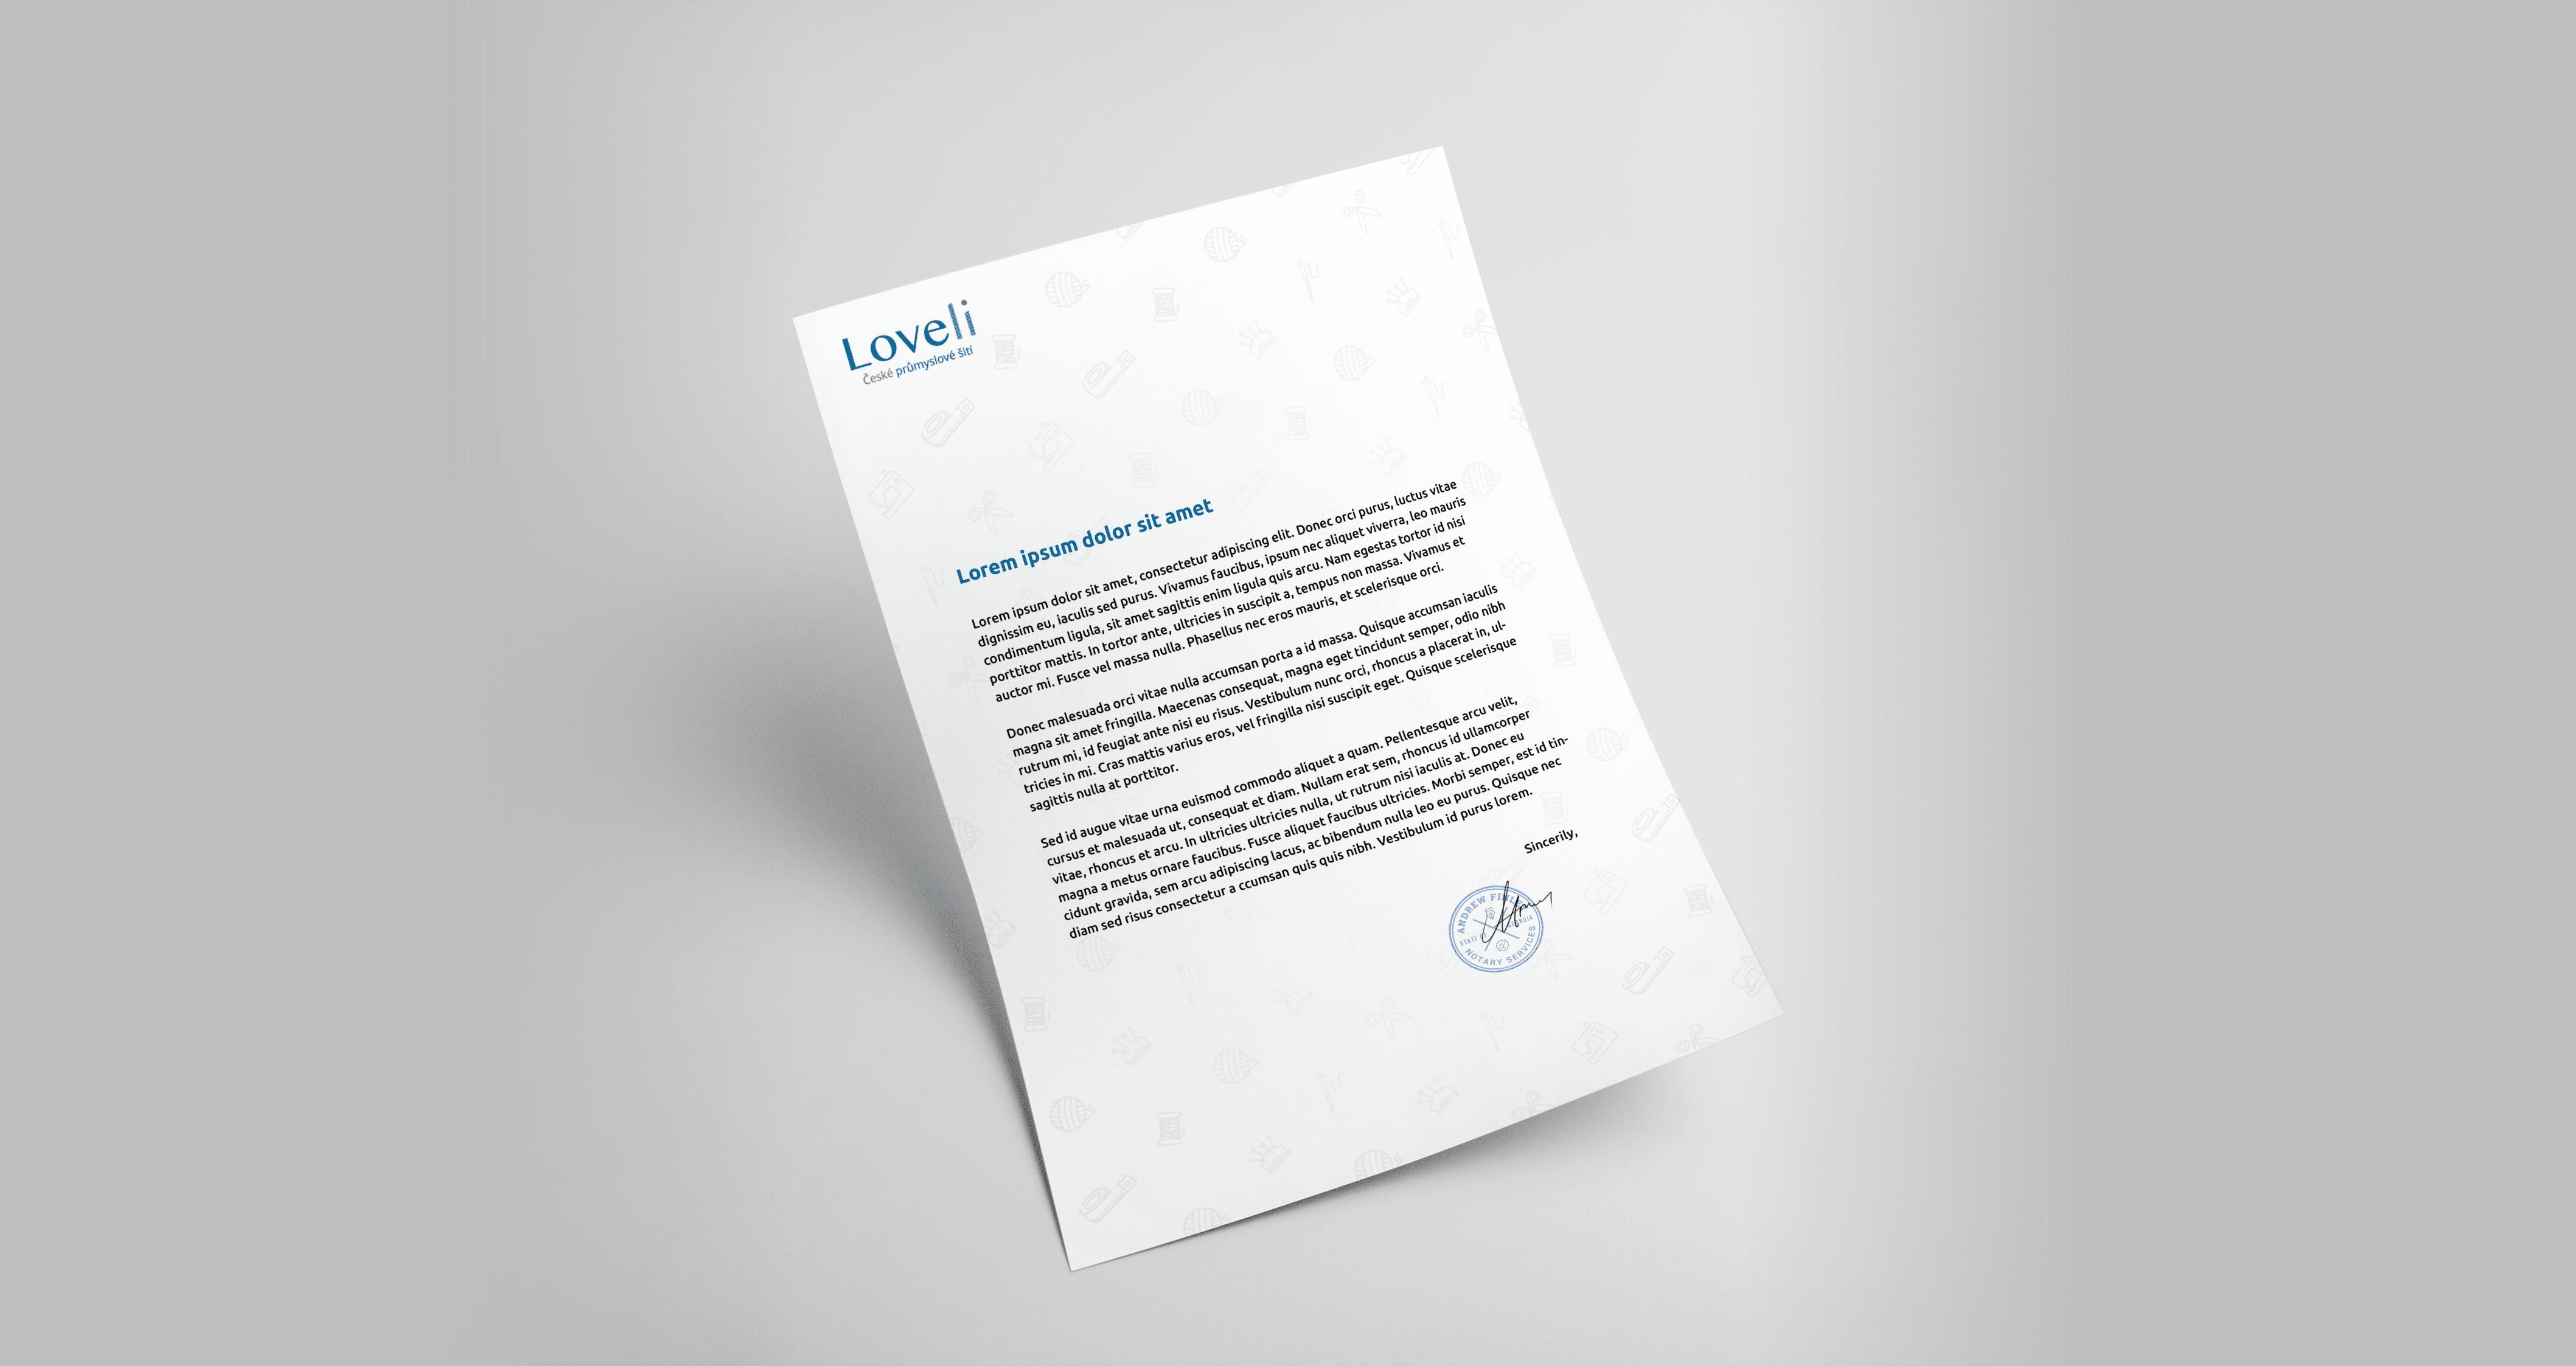 Tvorba loga avizuální identity Loveli hlavičkový papír